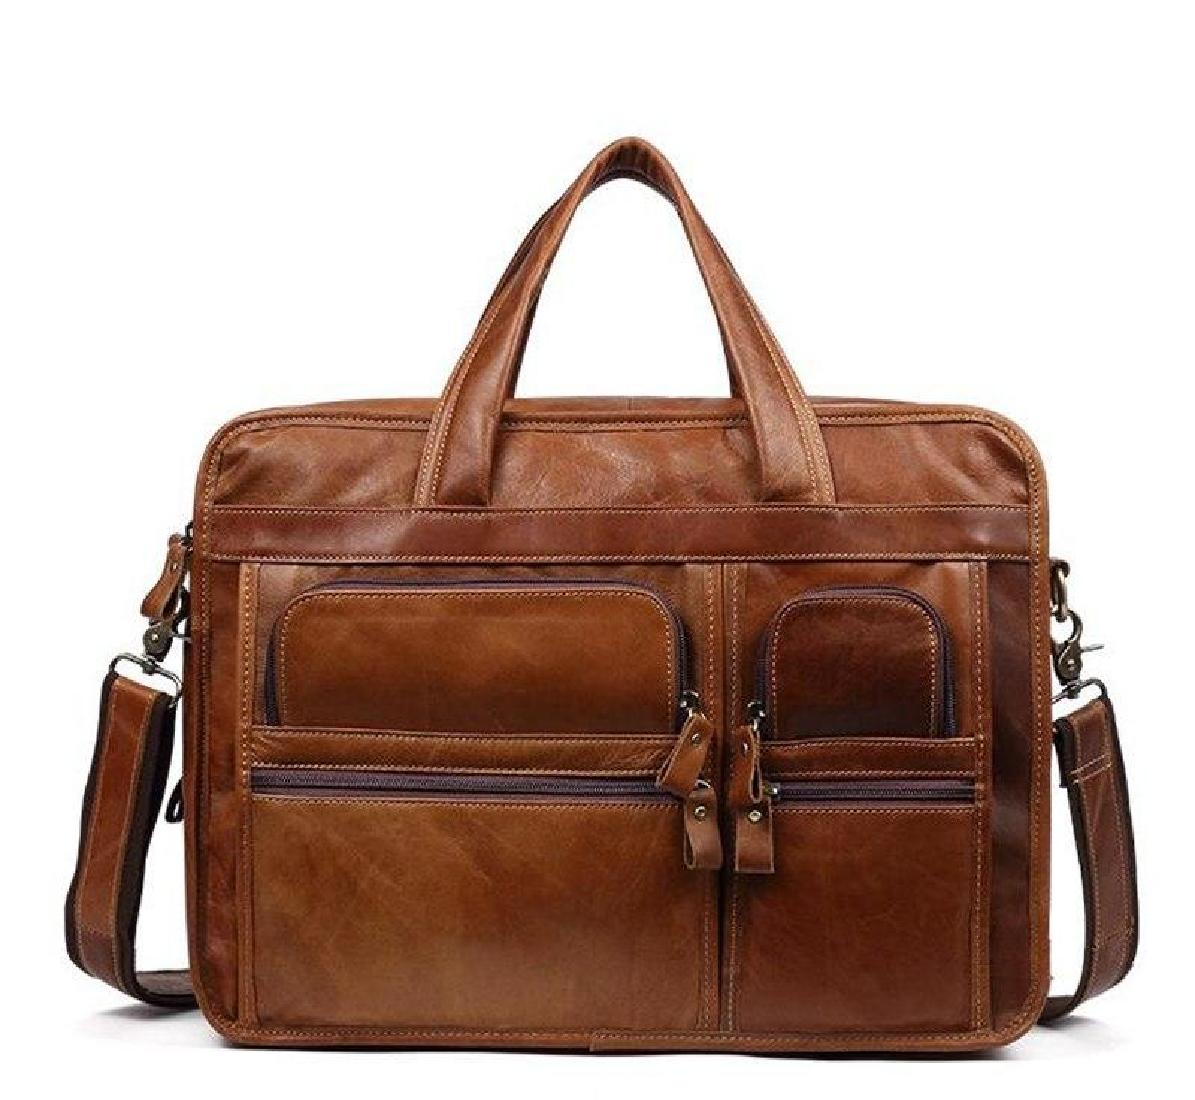 3228c1452127 Bag Briefcase Men Messenger Shoulder Handbag Vintage Laptop Satchel  Business Bags Leather Genuine Handmade Tote Brown Adjustable Men